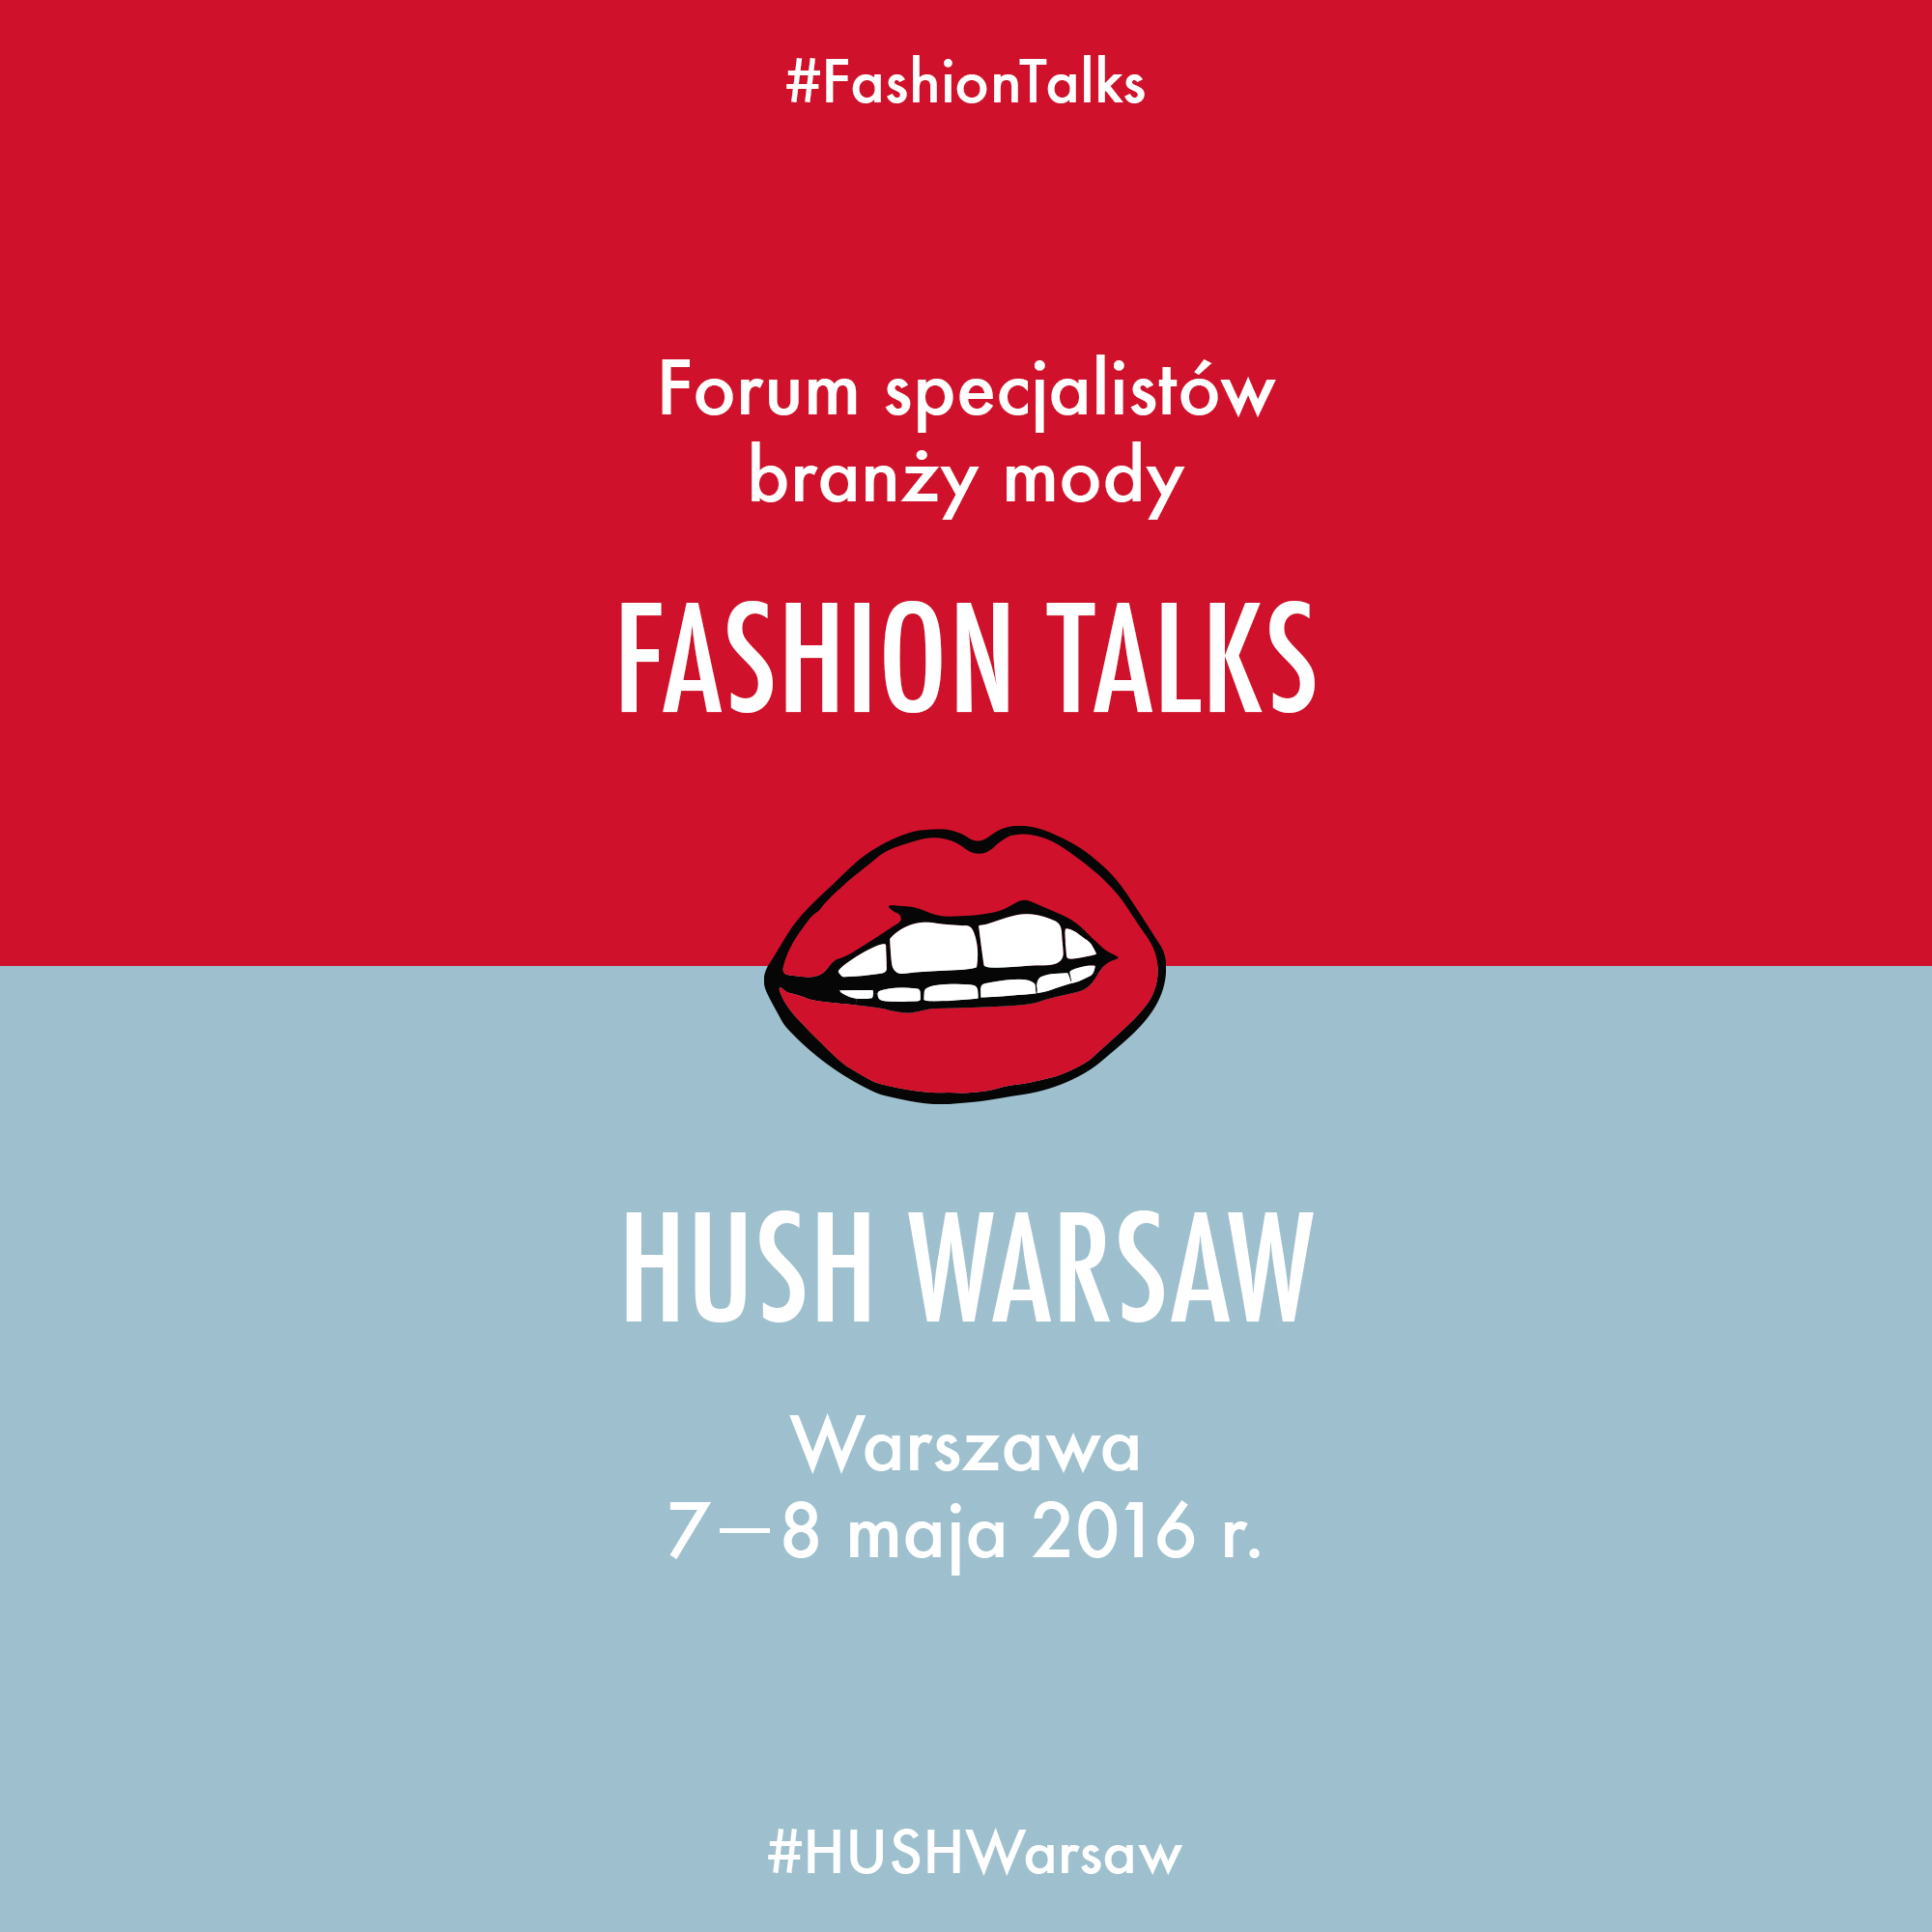 czerwono-niebieski plakat wydarzenia fashion pr talks i hush warsaw